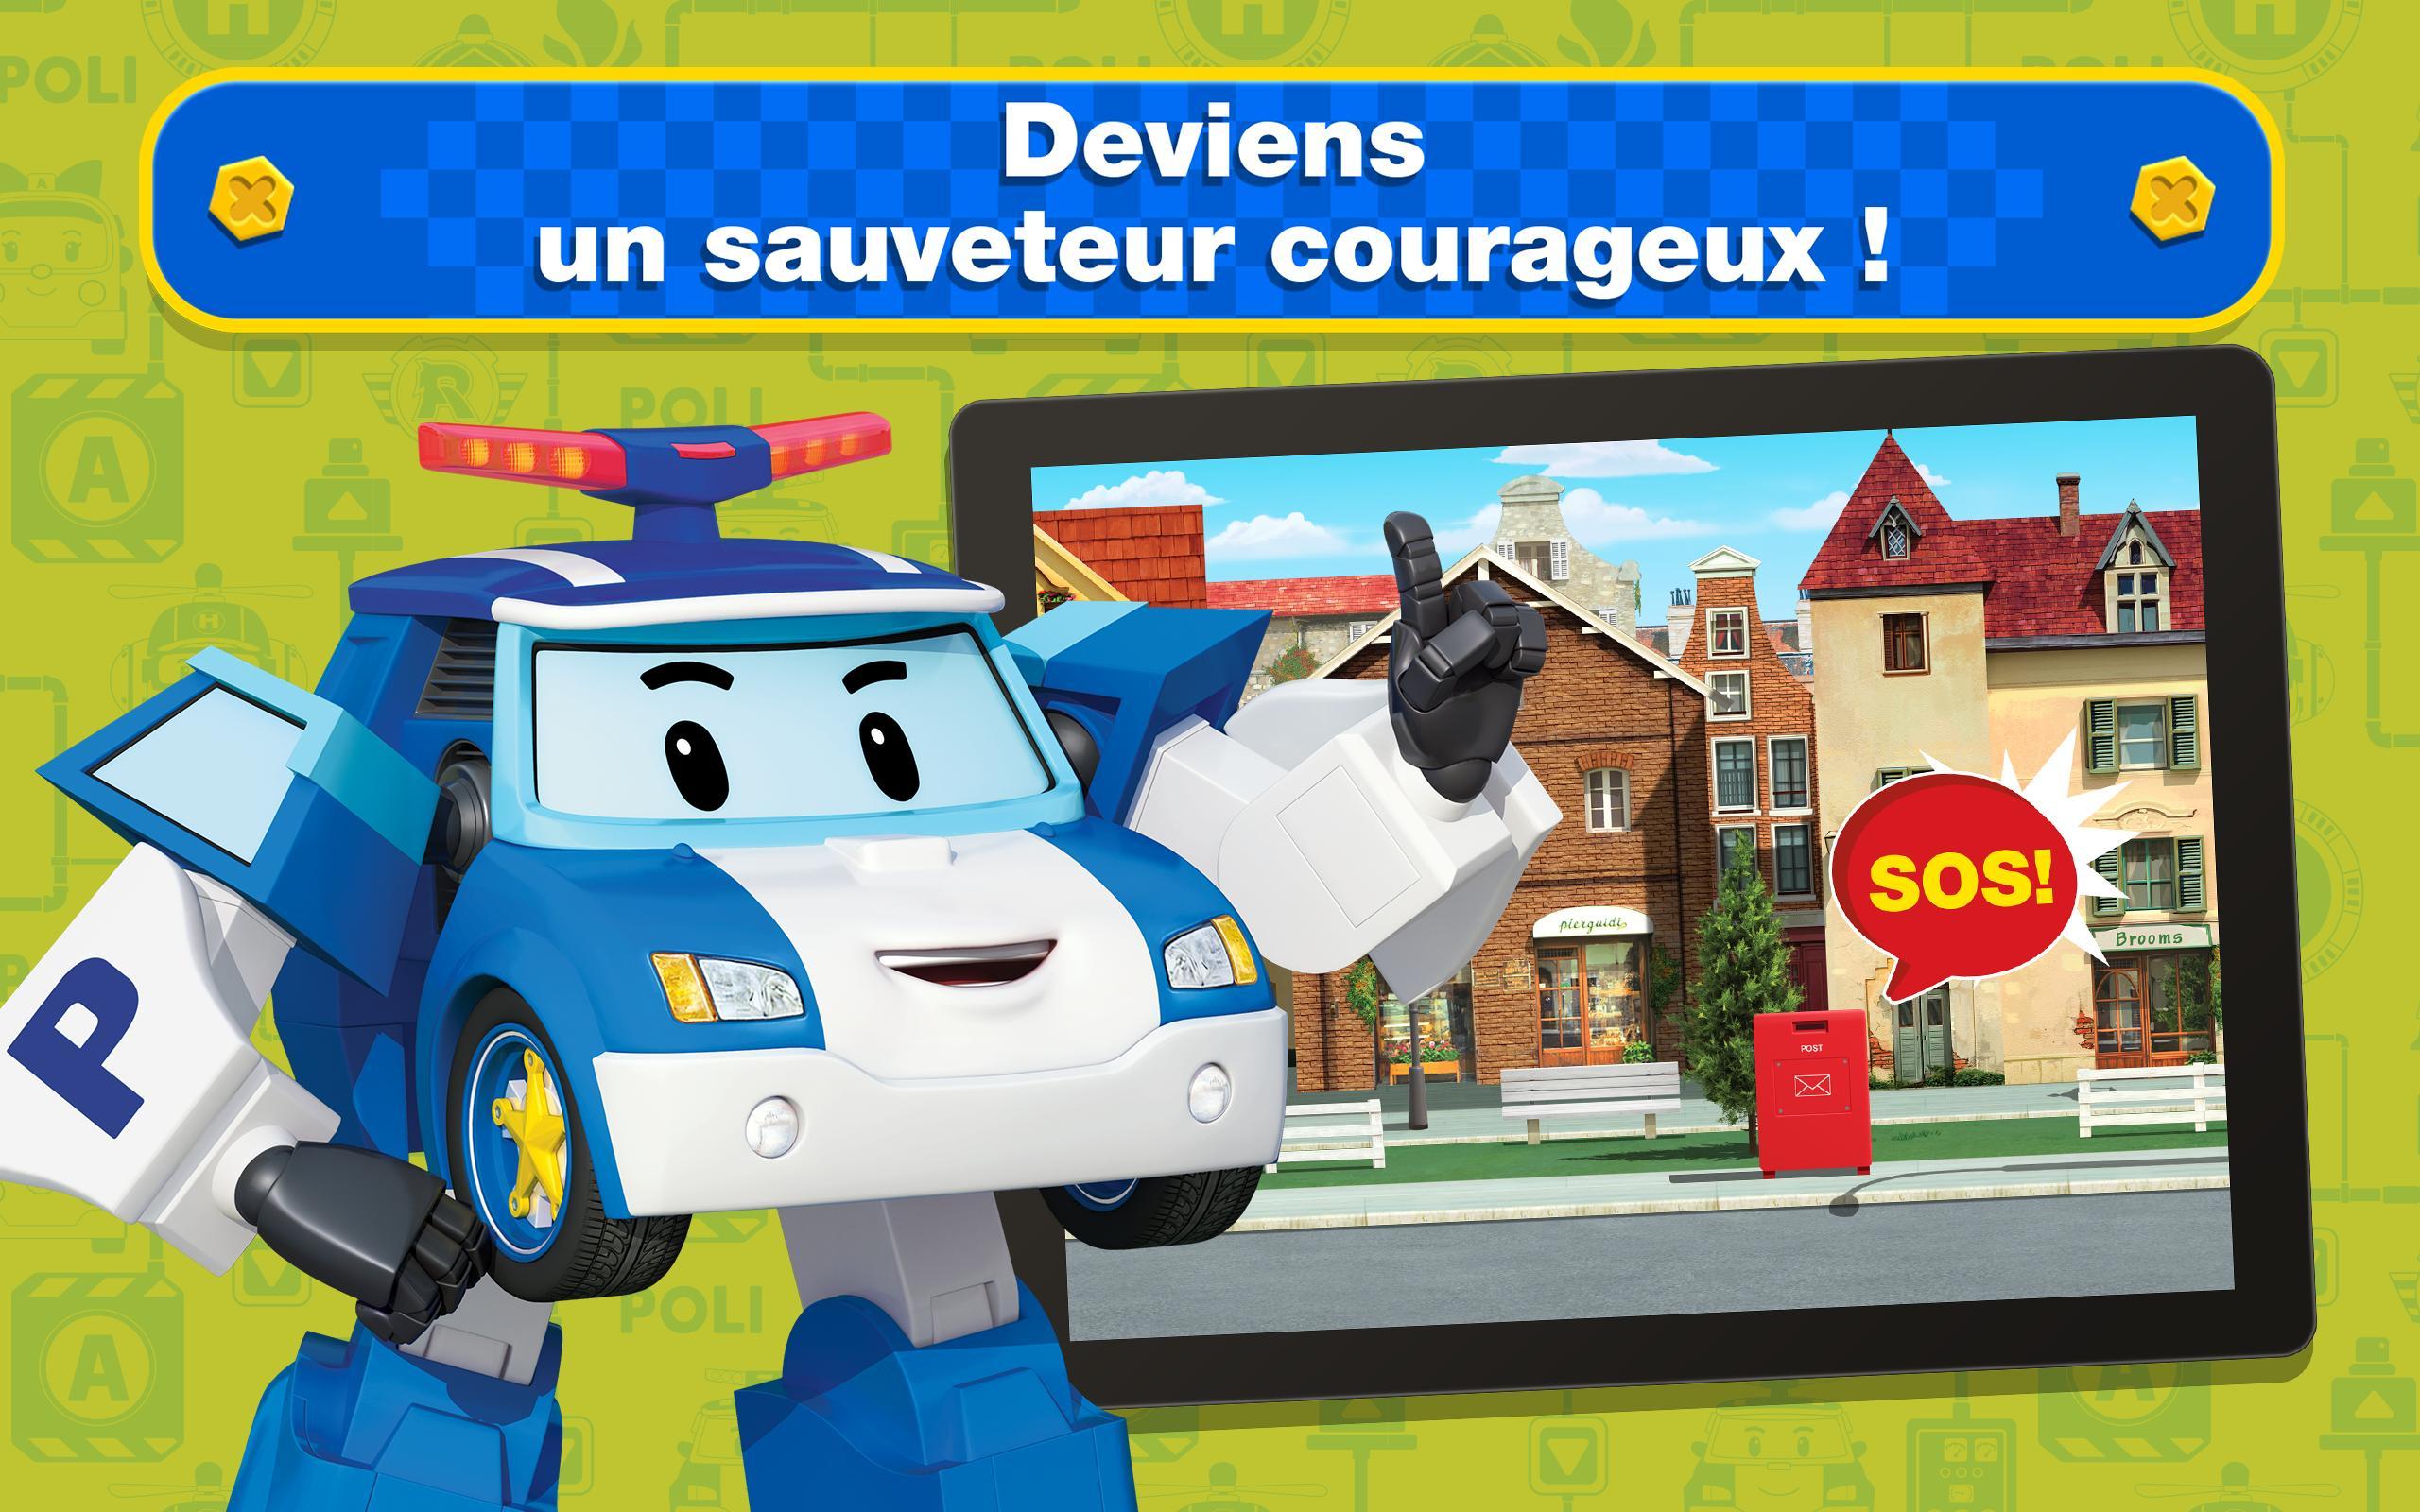 Robocar Poli Jeux 3 4 5 Ans Gratuit Games For Boys Pour destiné Jeux 5 Ans Gratuit